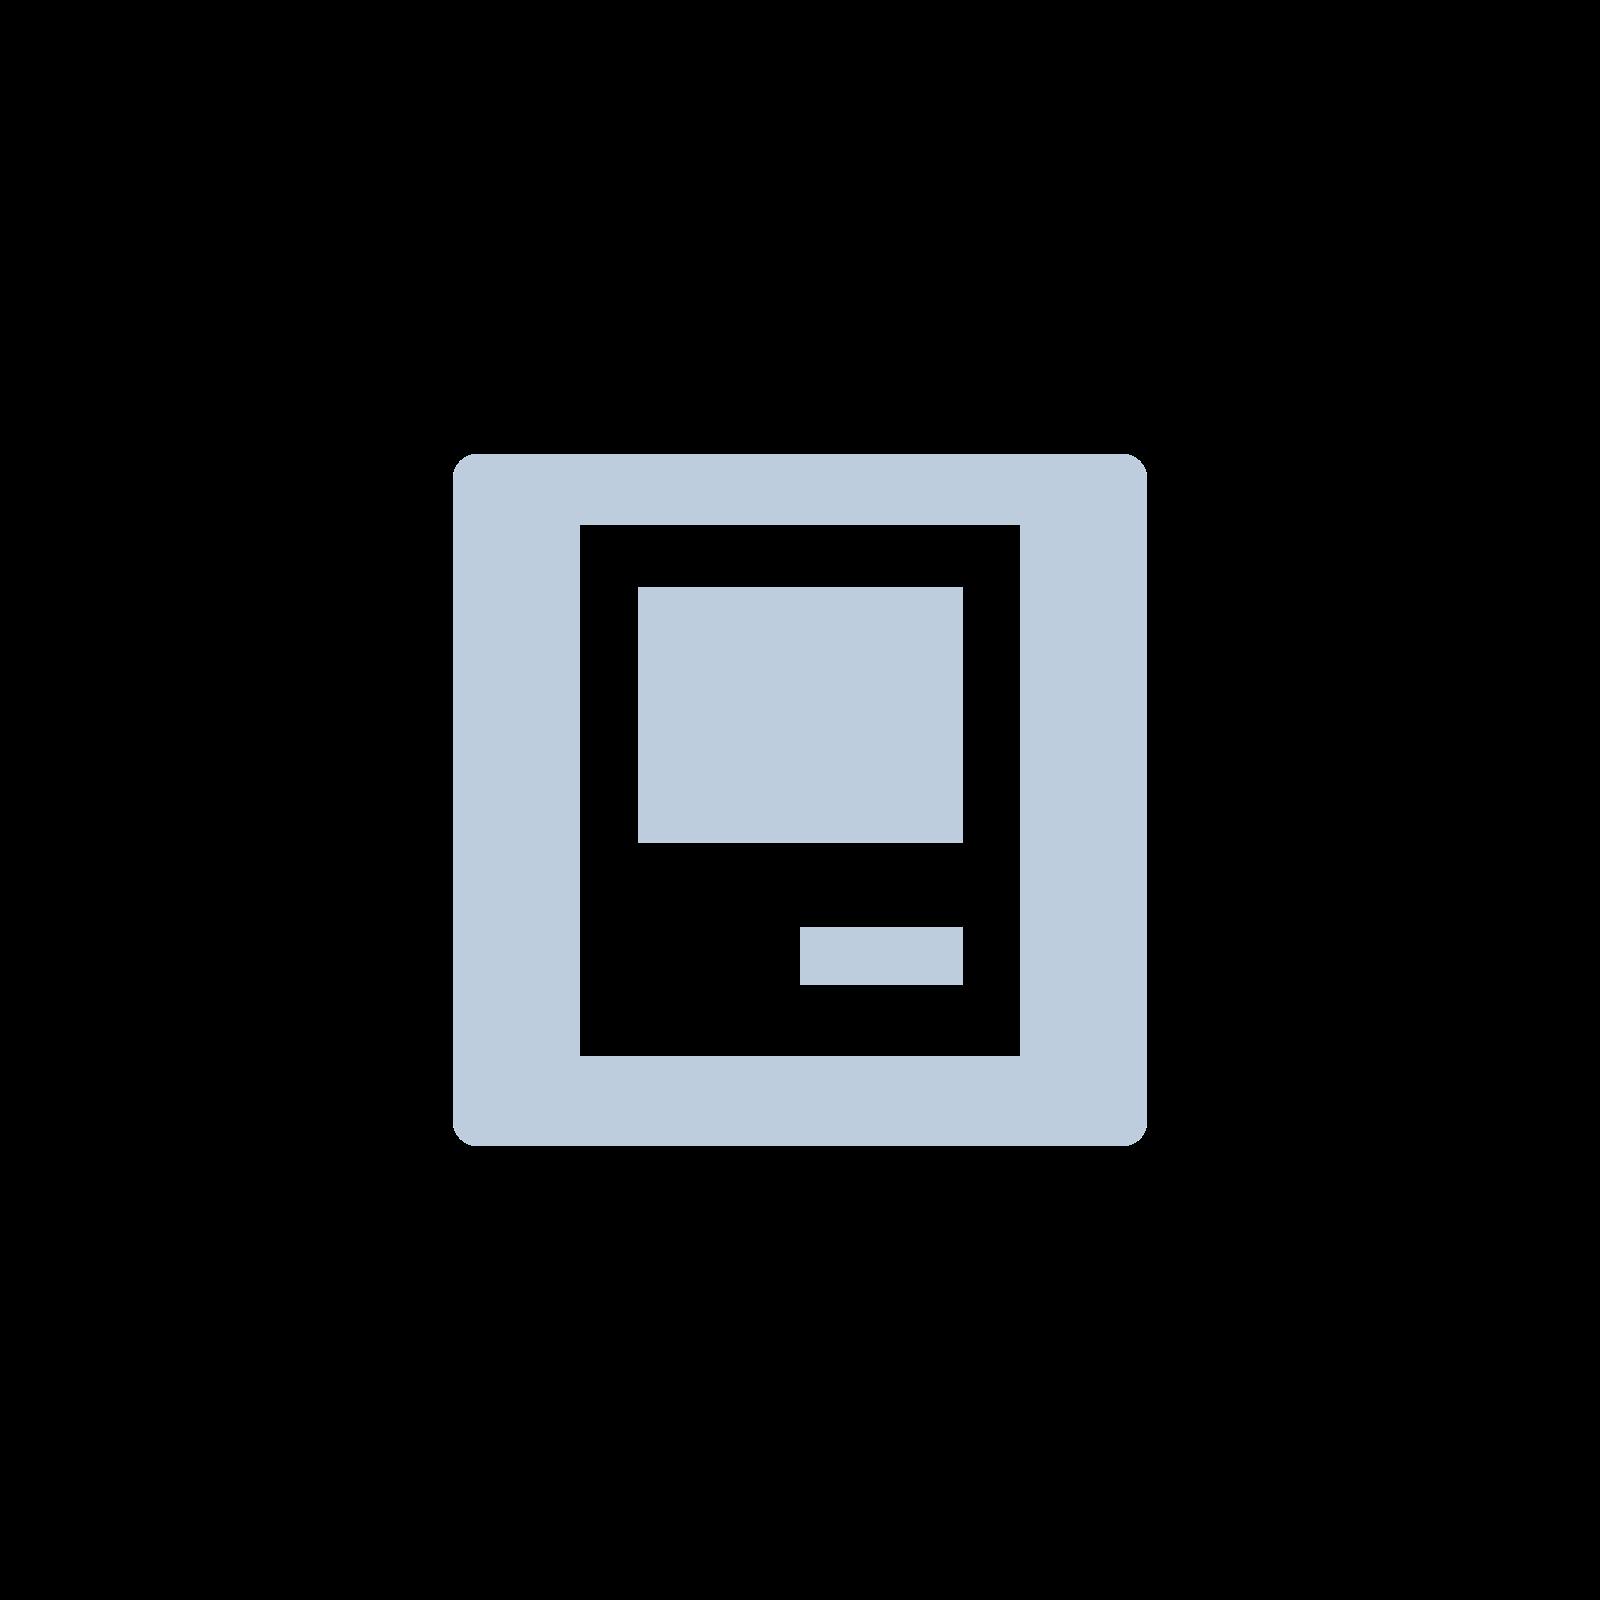 Mac mini Core i7 2.3 GHz (Macmini6,2, 1TB, 4GB)